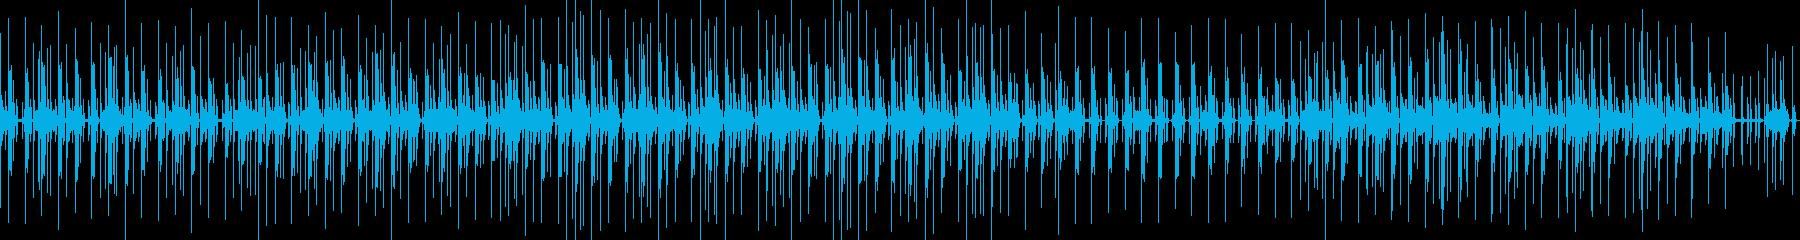 ■和風・三味線・尺八 軽快で楽しい曲の再生済みの波形